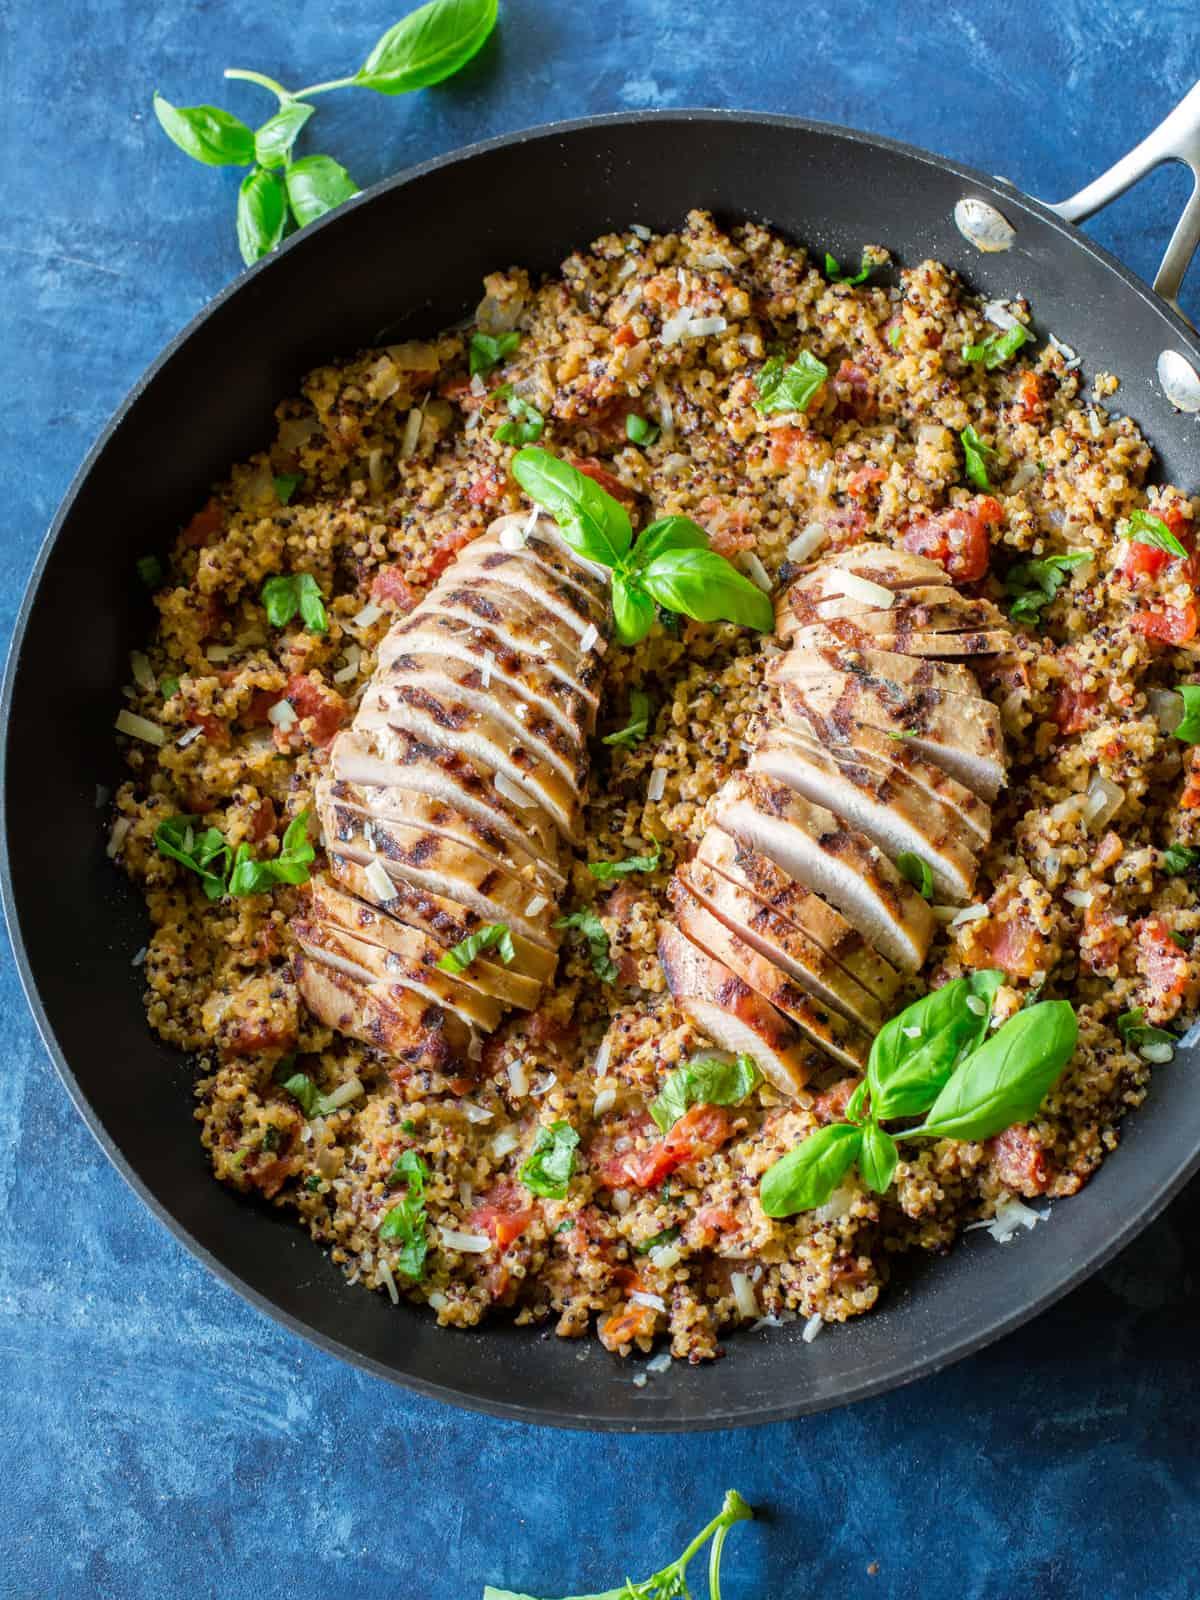 Tomato Basil Chicken Quinoa